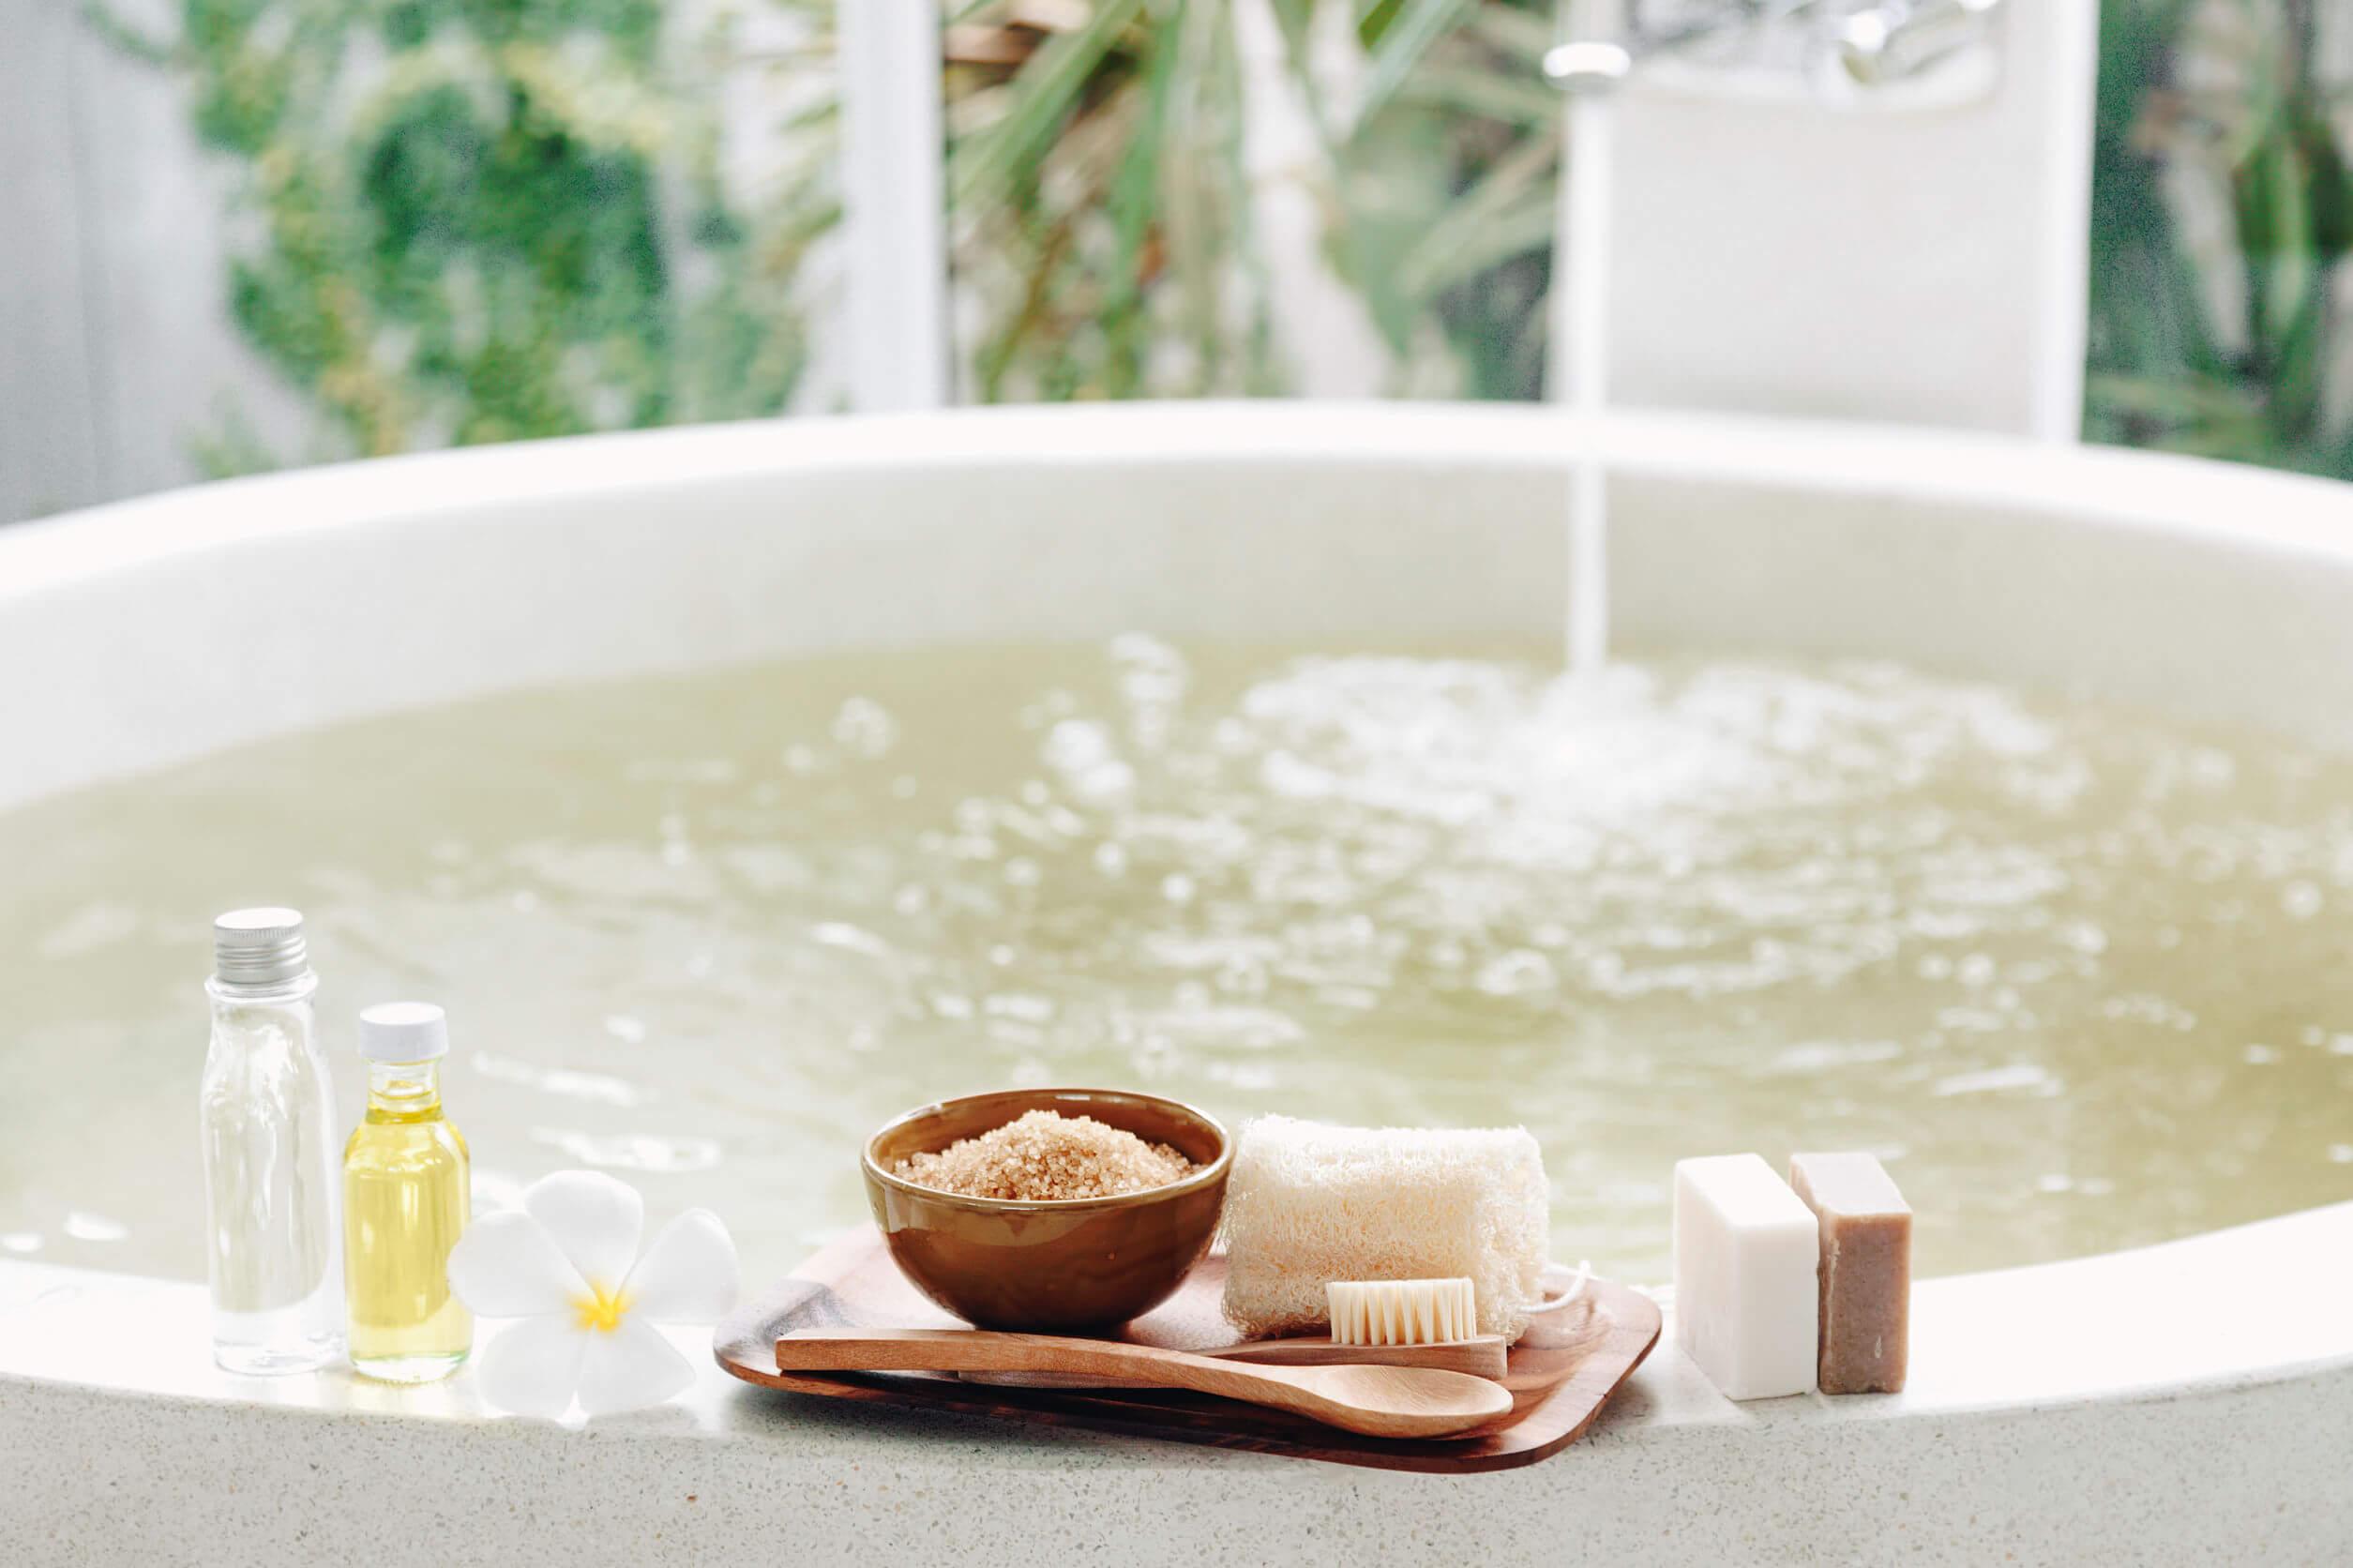 Tomar un baño caliente es algo relajante.